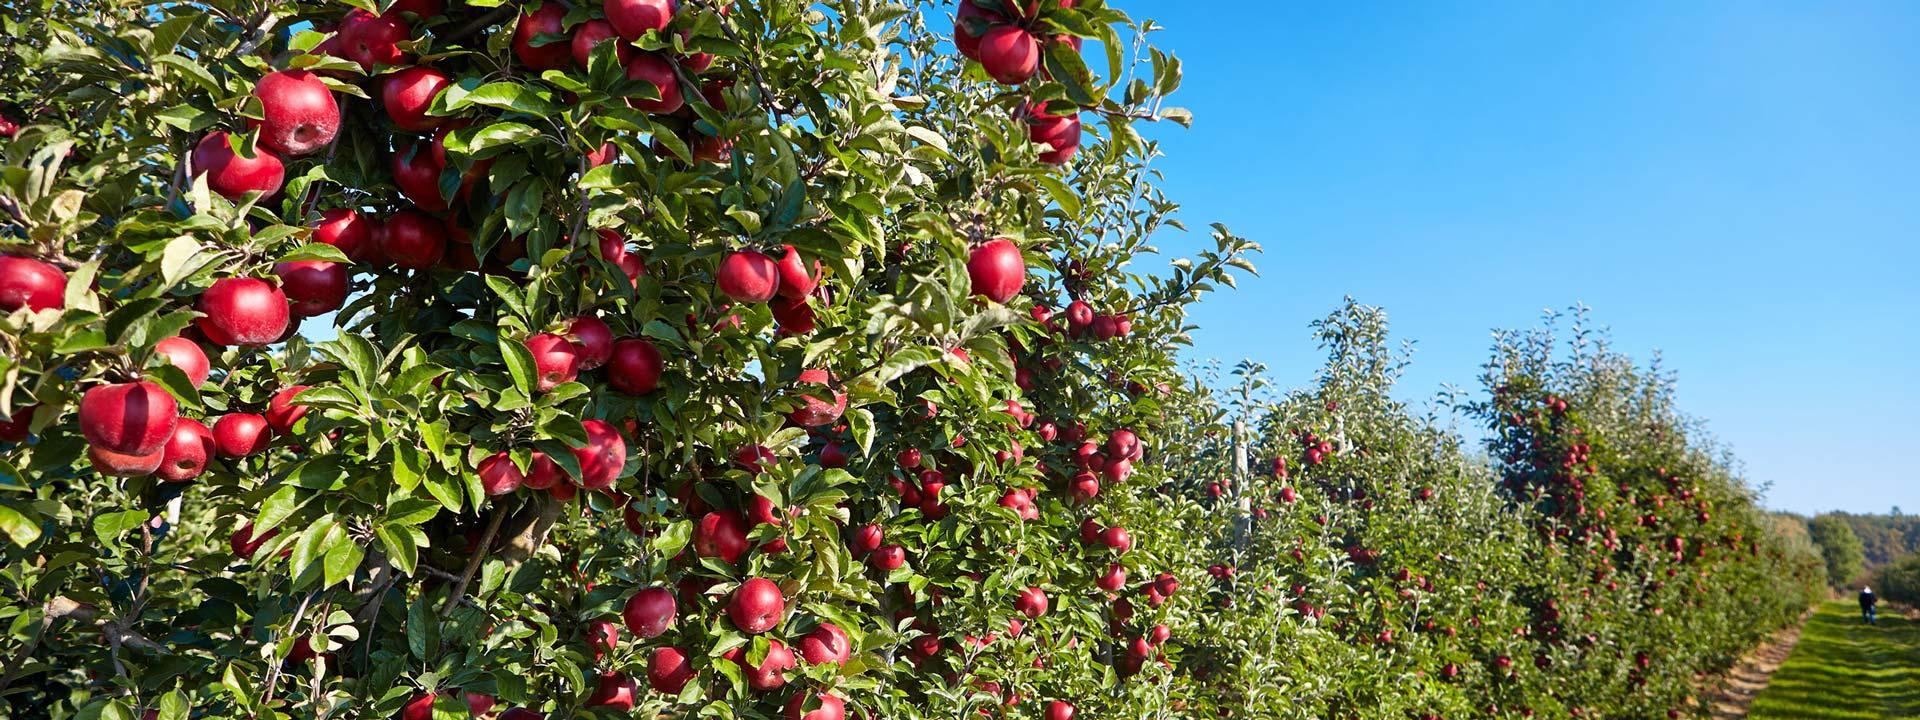 Яблоня отлично соседствует с малинными кустами